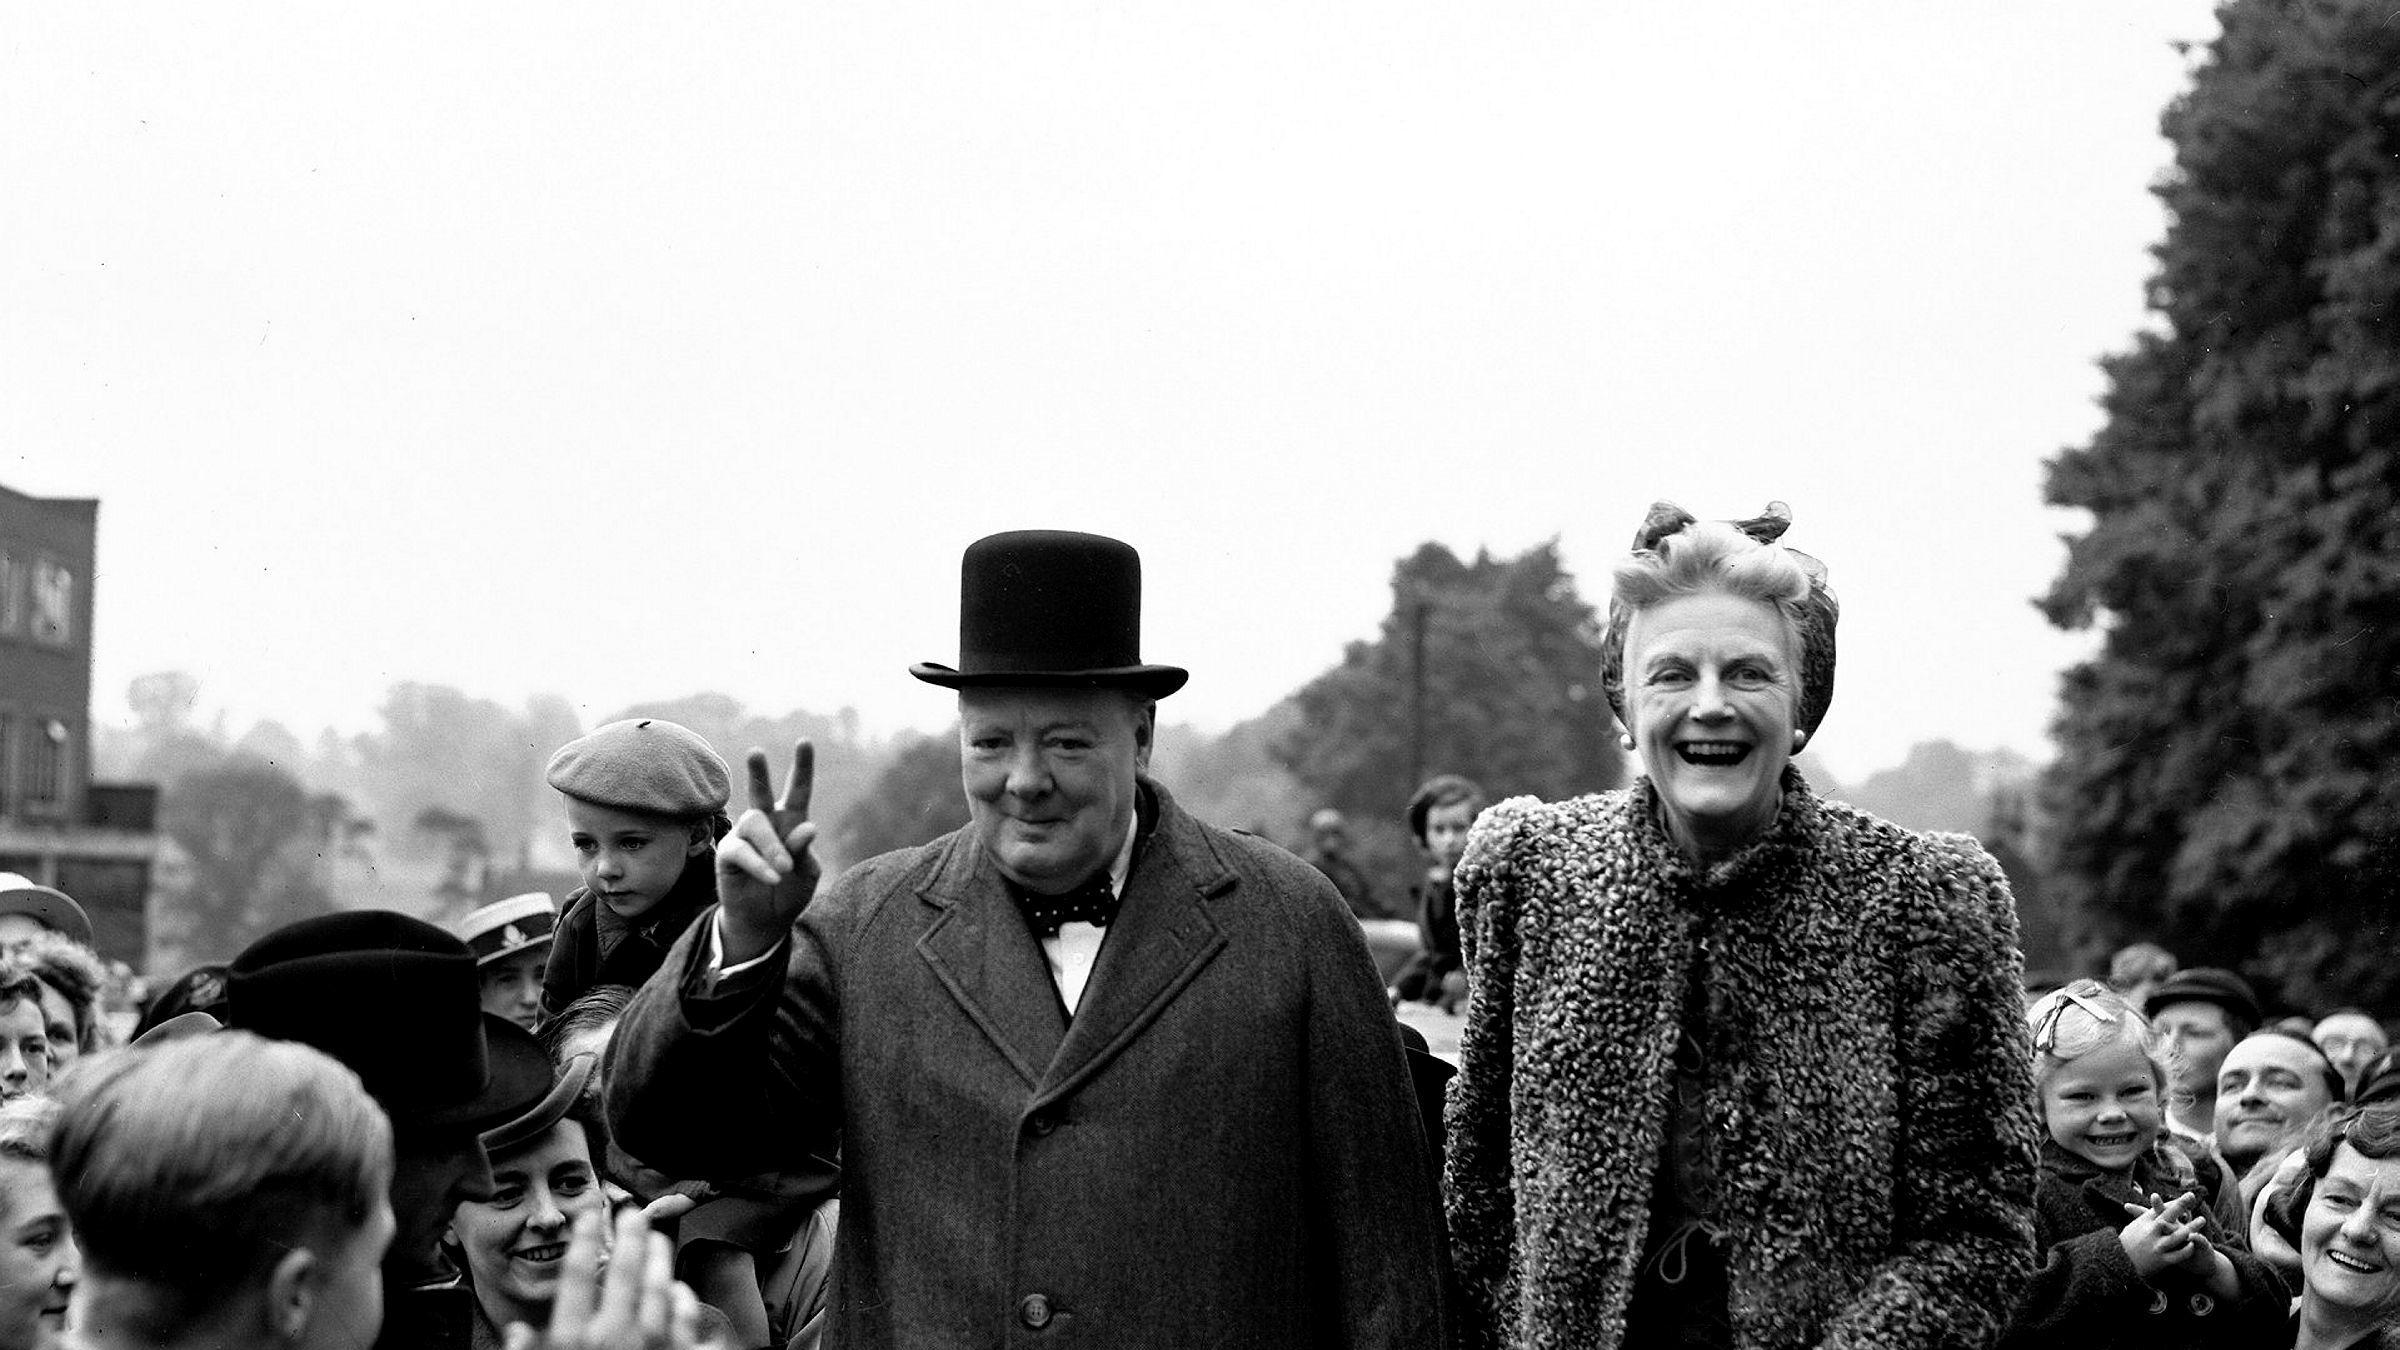 Storbritannias statsminister Winston Churchill og konen Clementine på valgkamp i 1945. Allerede i 1909 påpekte Churchill urimeligheten i høye private grunnrenter, som hos store jordeiere, skriver artikkelforfatteren.